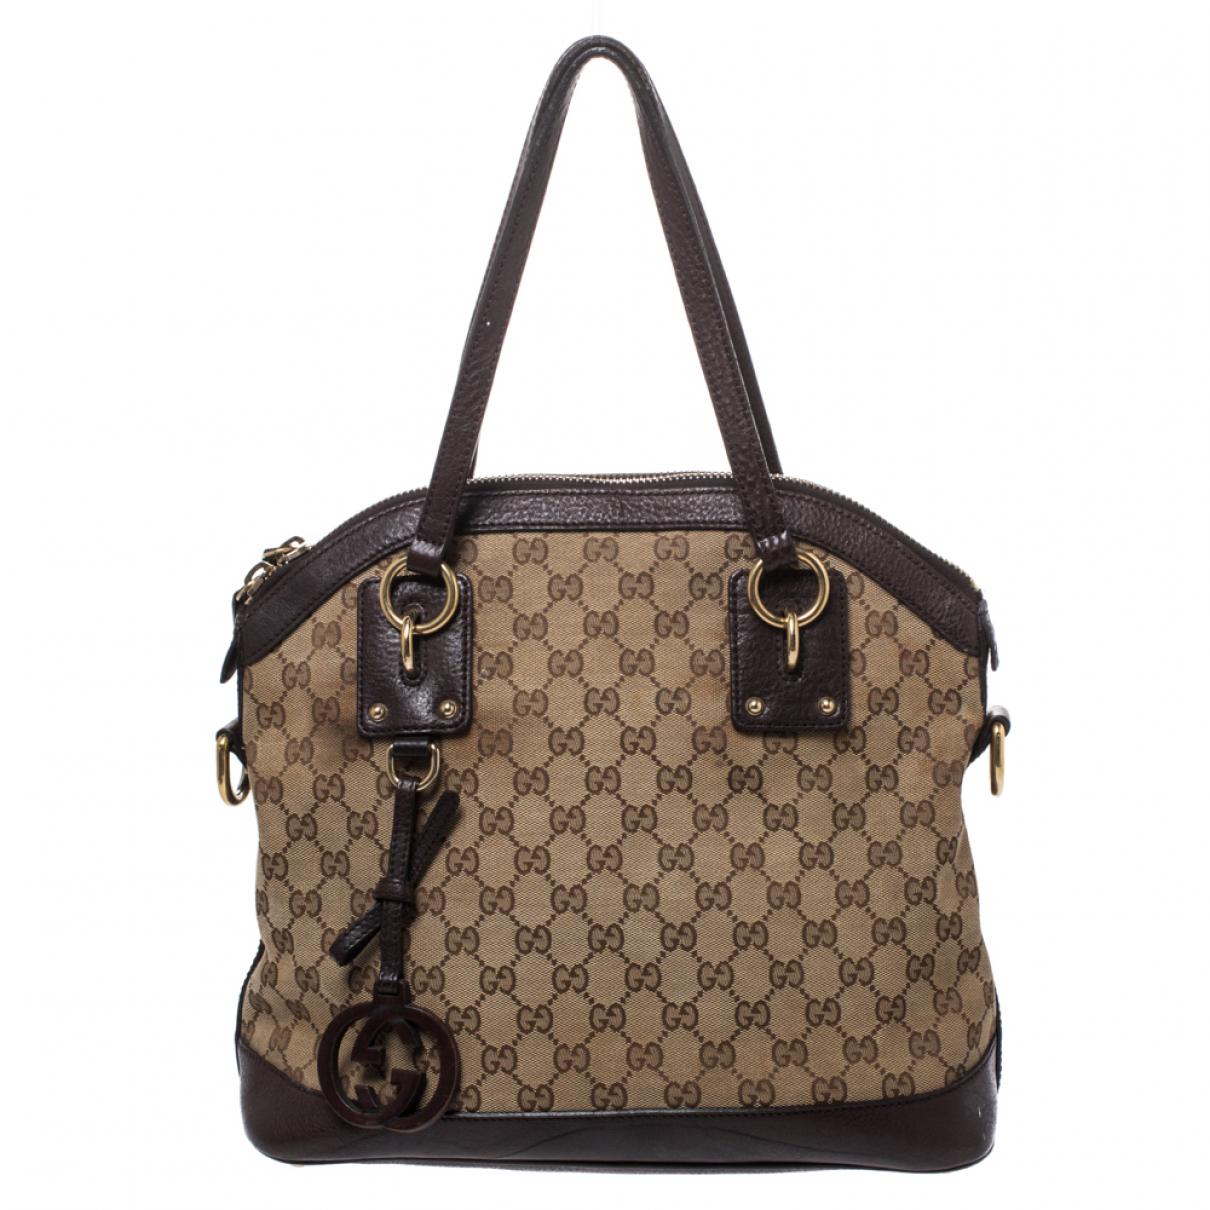 Gucci Interlocking Handtasche in  Beige Leder